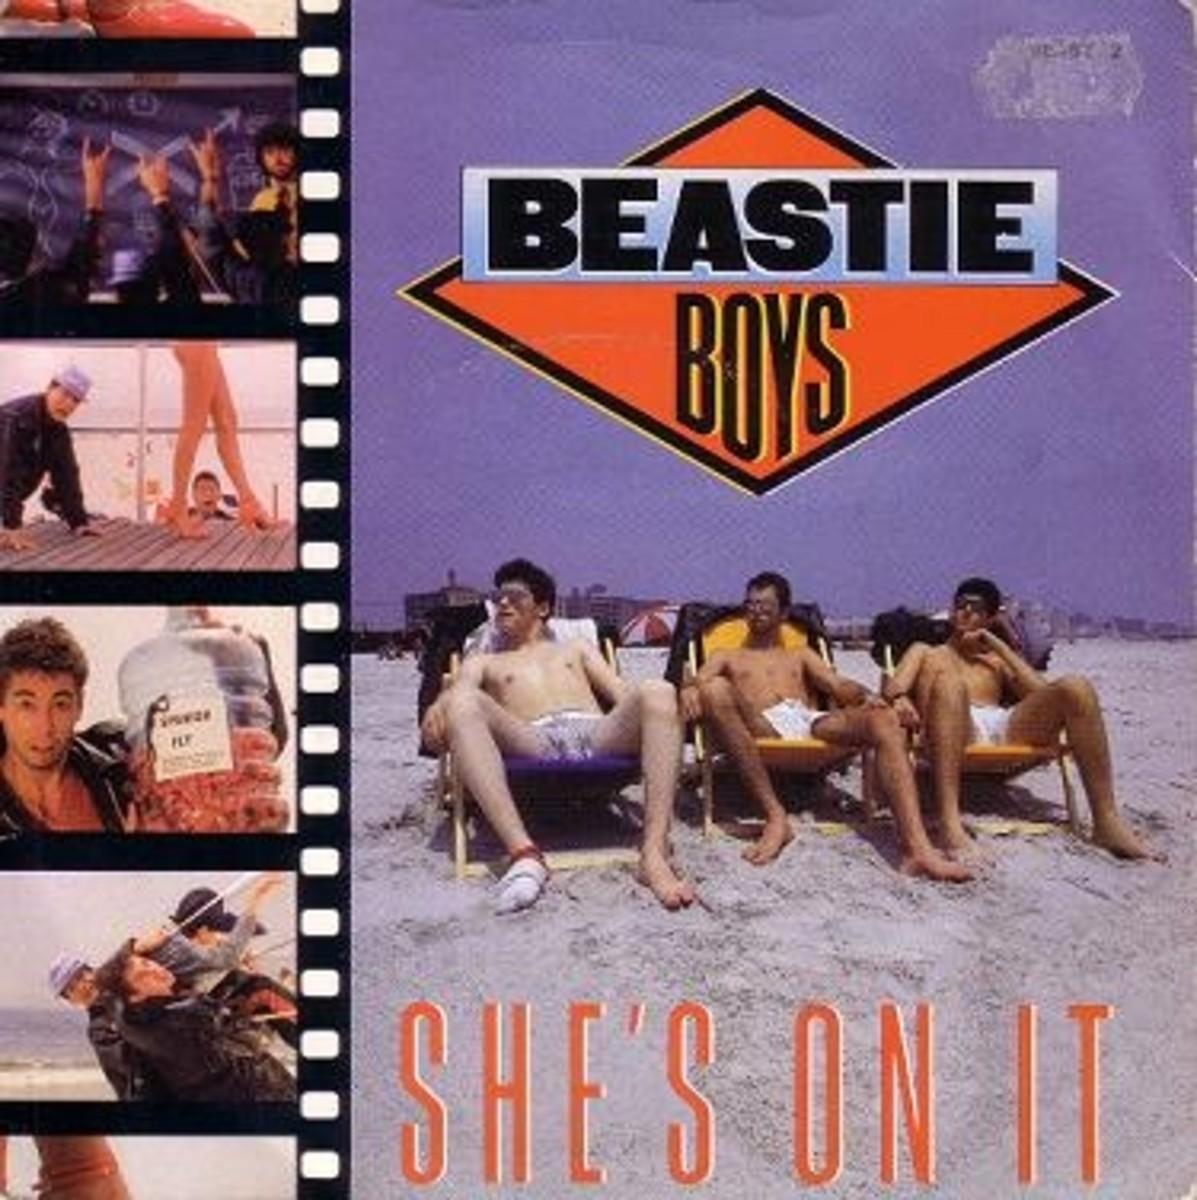 She's_on_It_Beastie_Boys